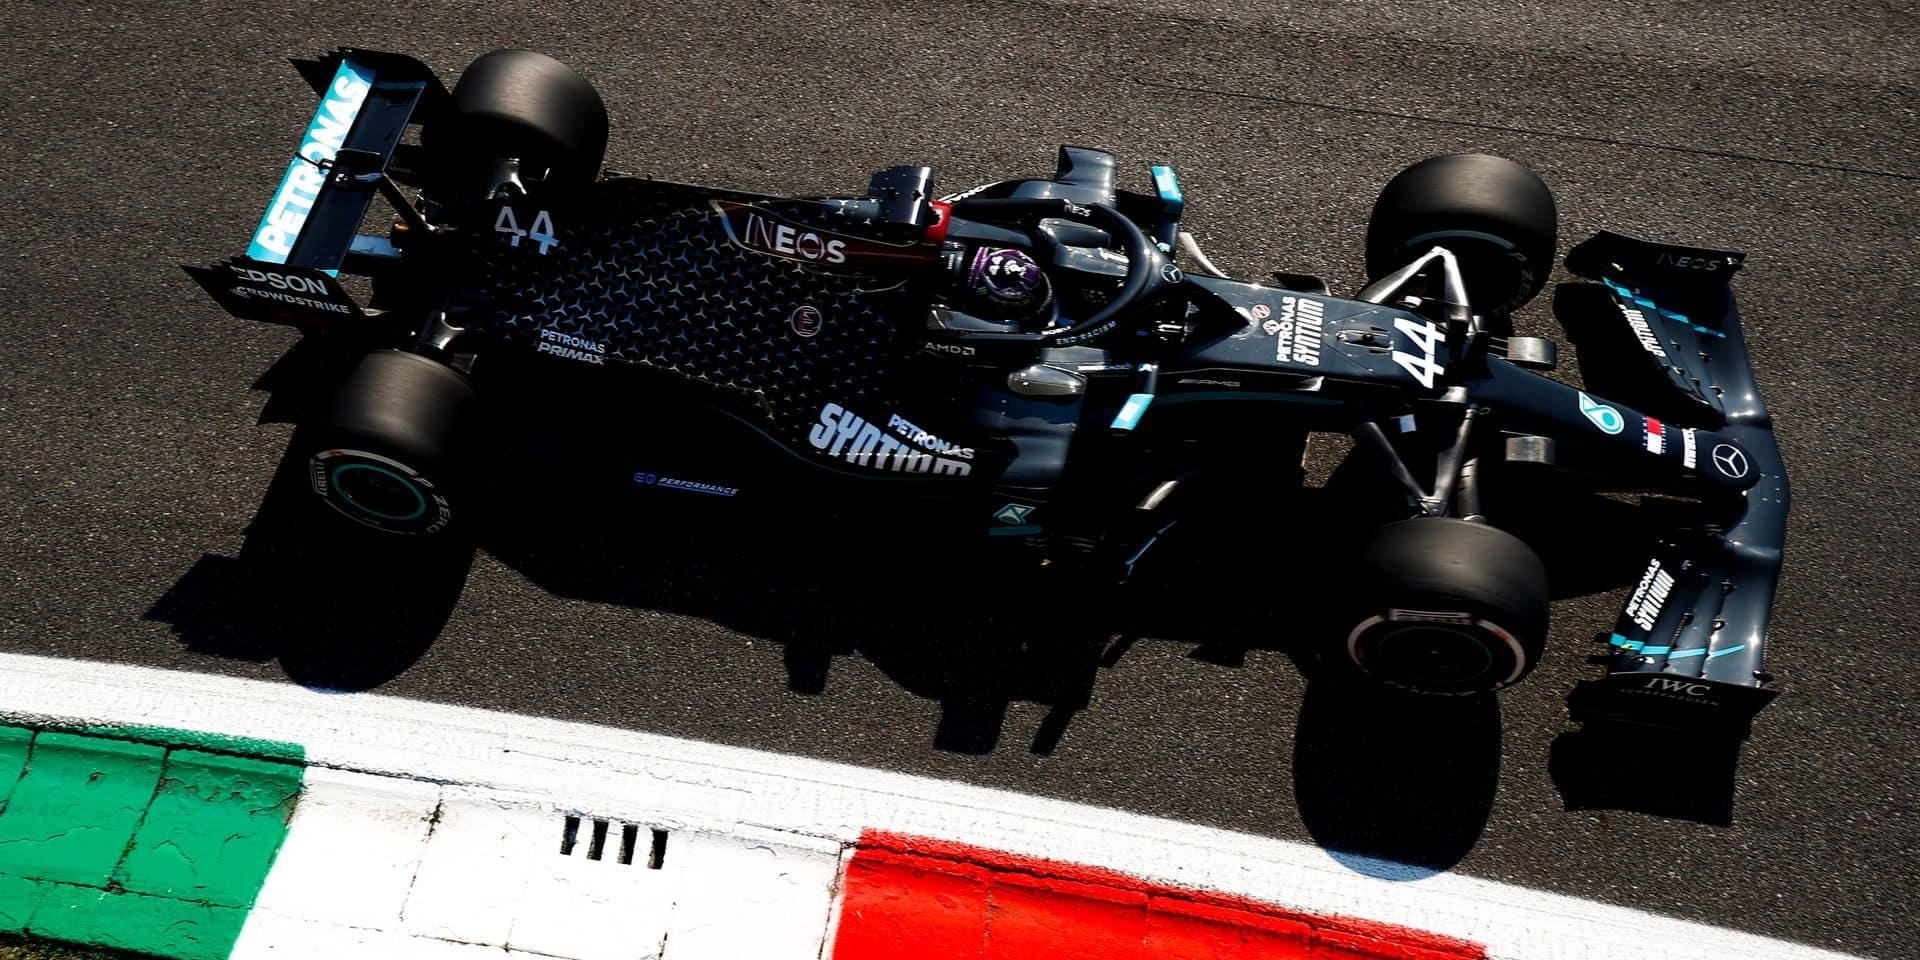 GP d'Italie (Qualifs): Nouvelle pole pour Hamilton, Ferrari se ridiculise à domicile